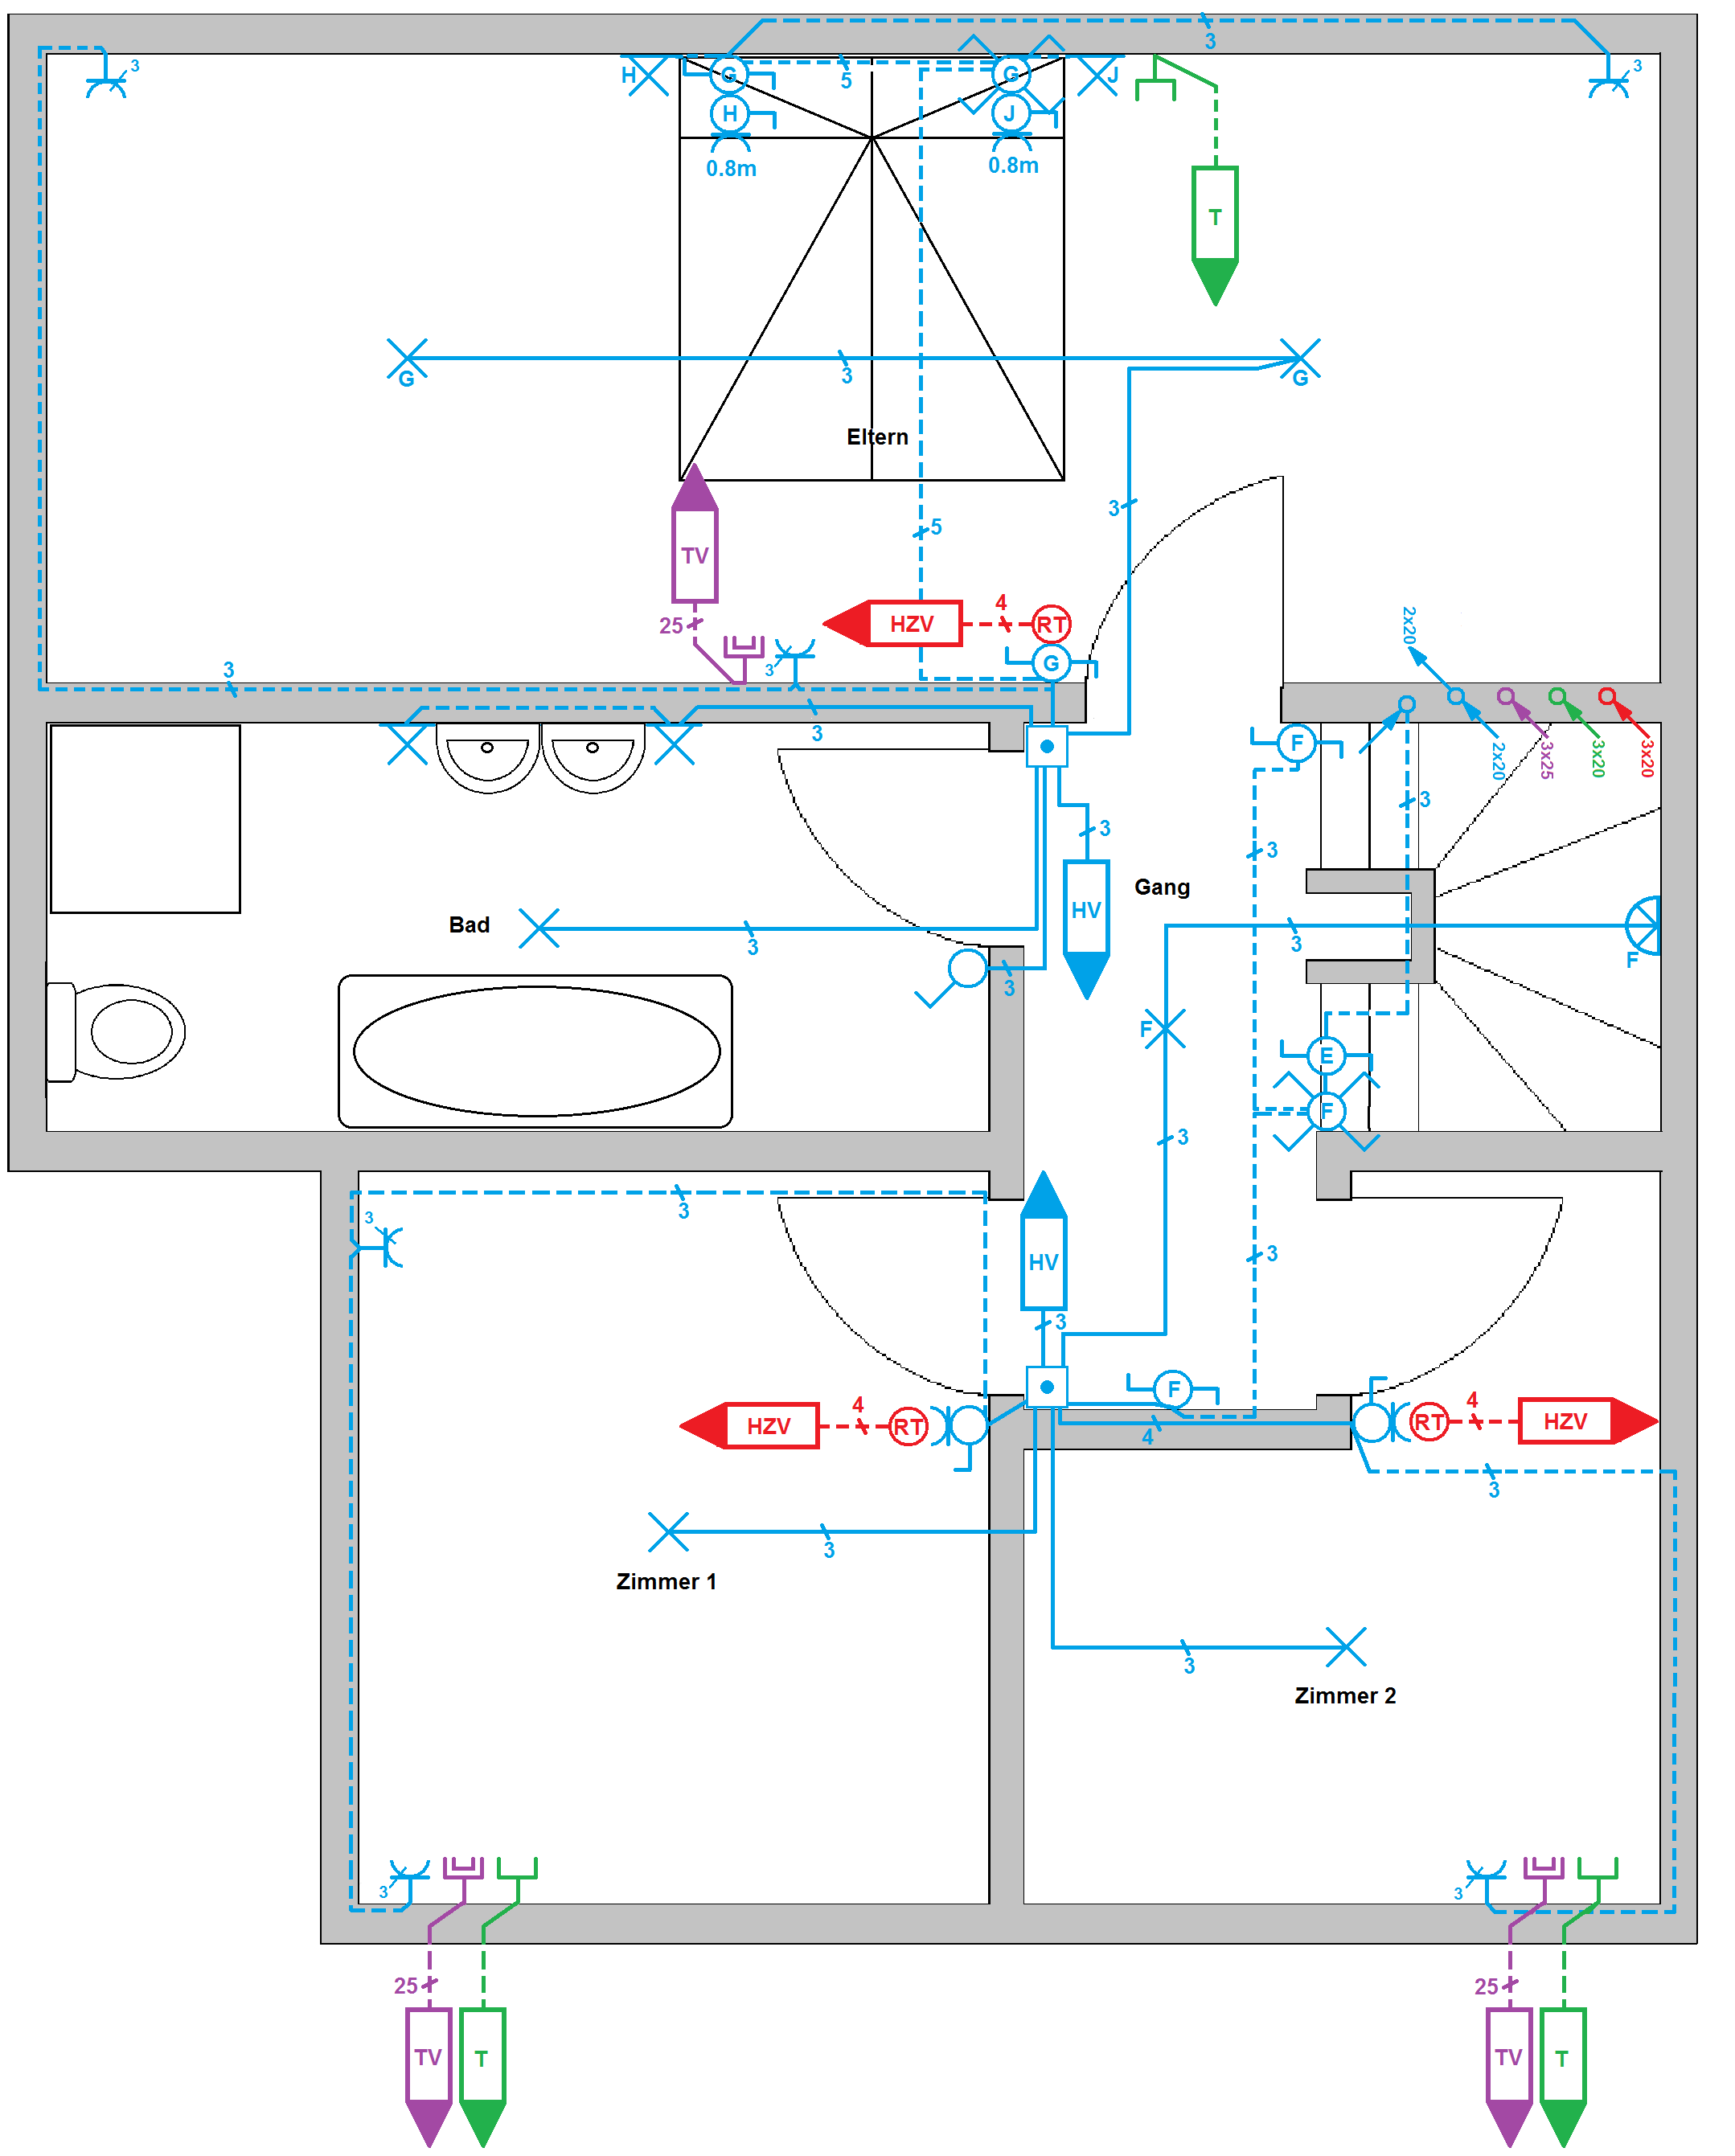 Kurs Elektroplanung Teil 20: Installationsplan zeichnen